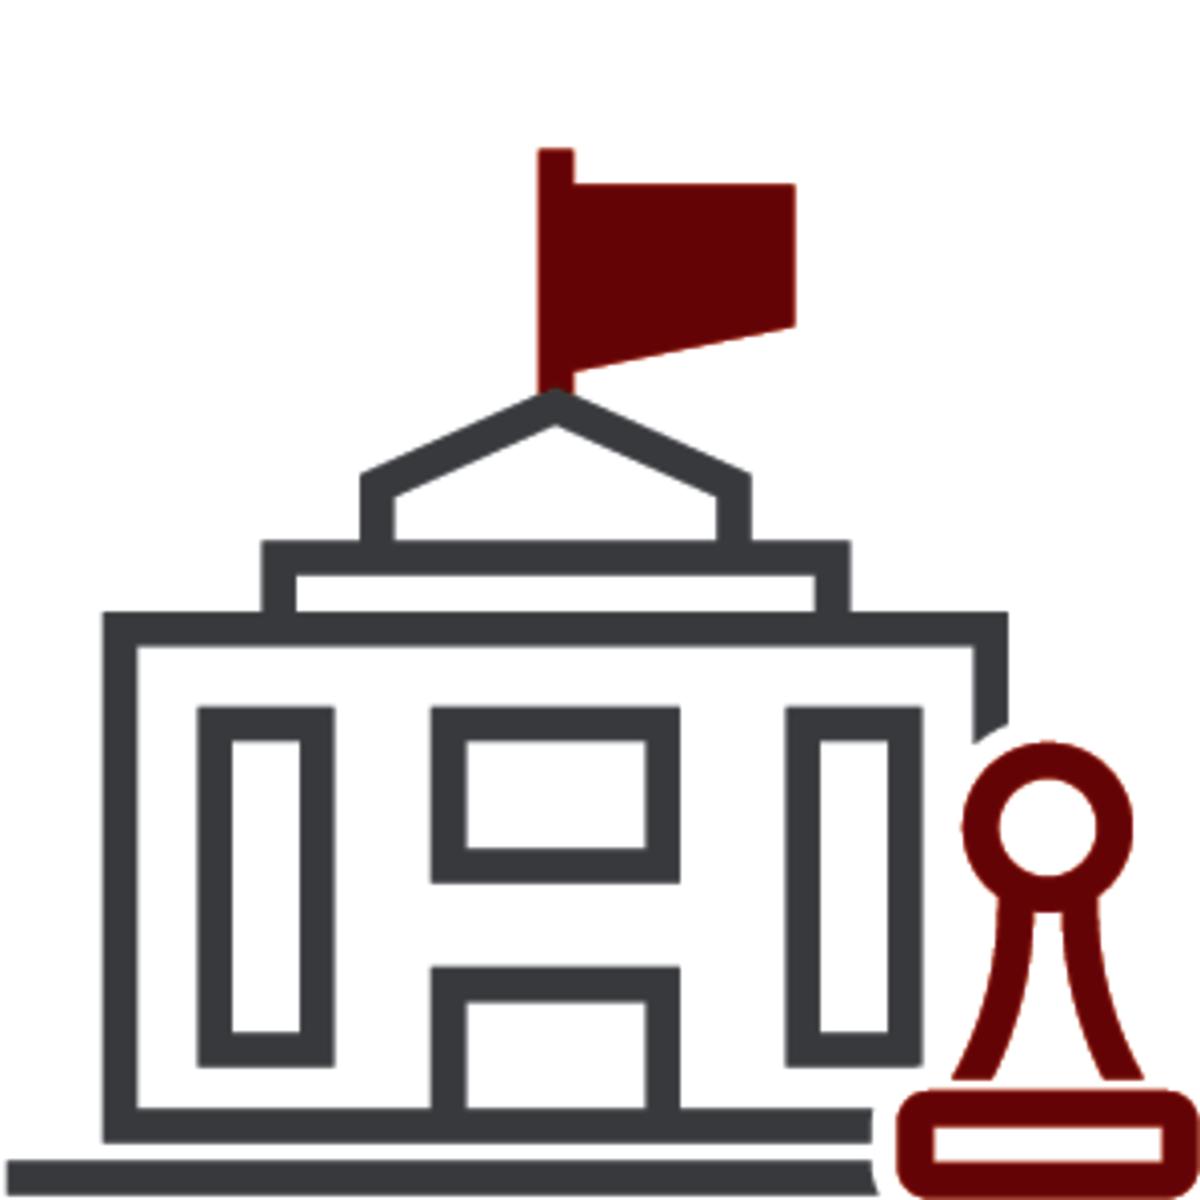 LT Lawtank - Beglaubigte Übersetzung - Überbeglaubigung Staatskanzlei